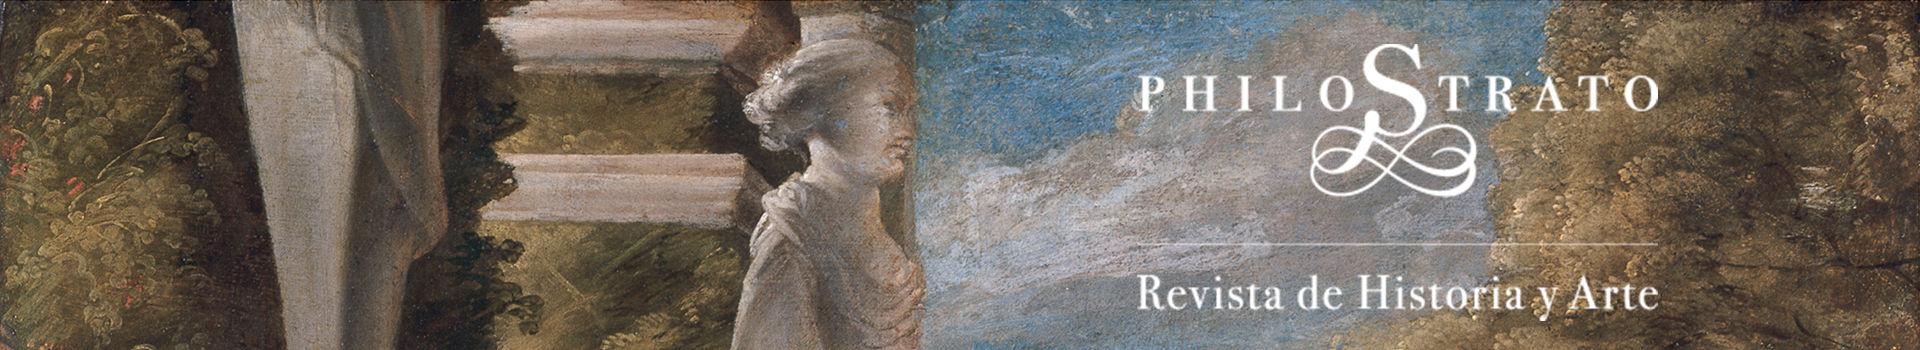 Philostrato. Revista de historia y arte